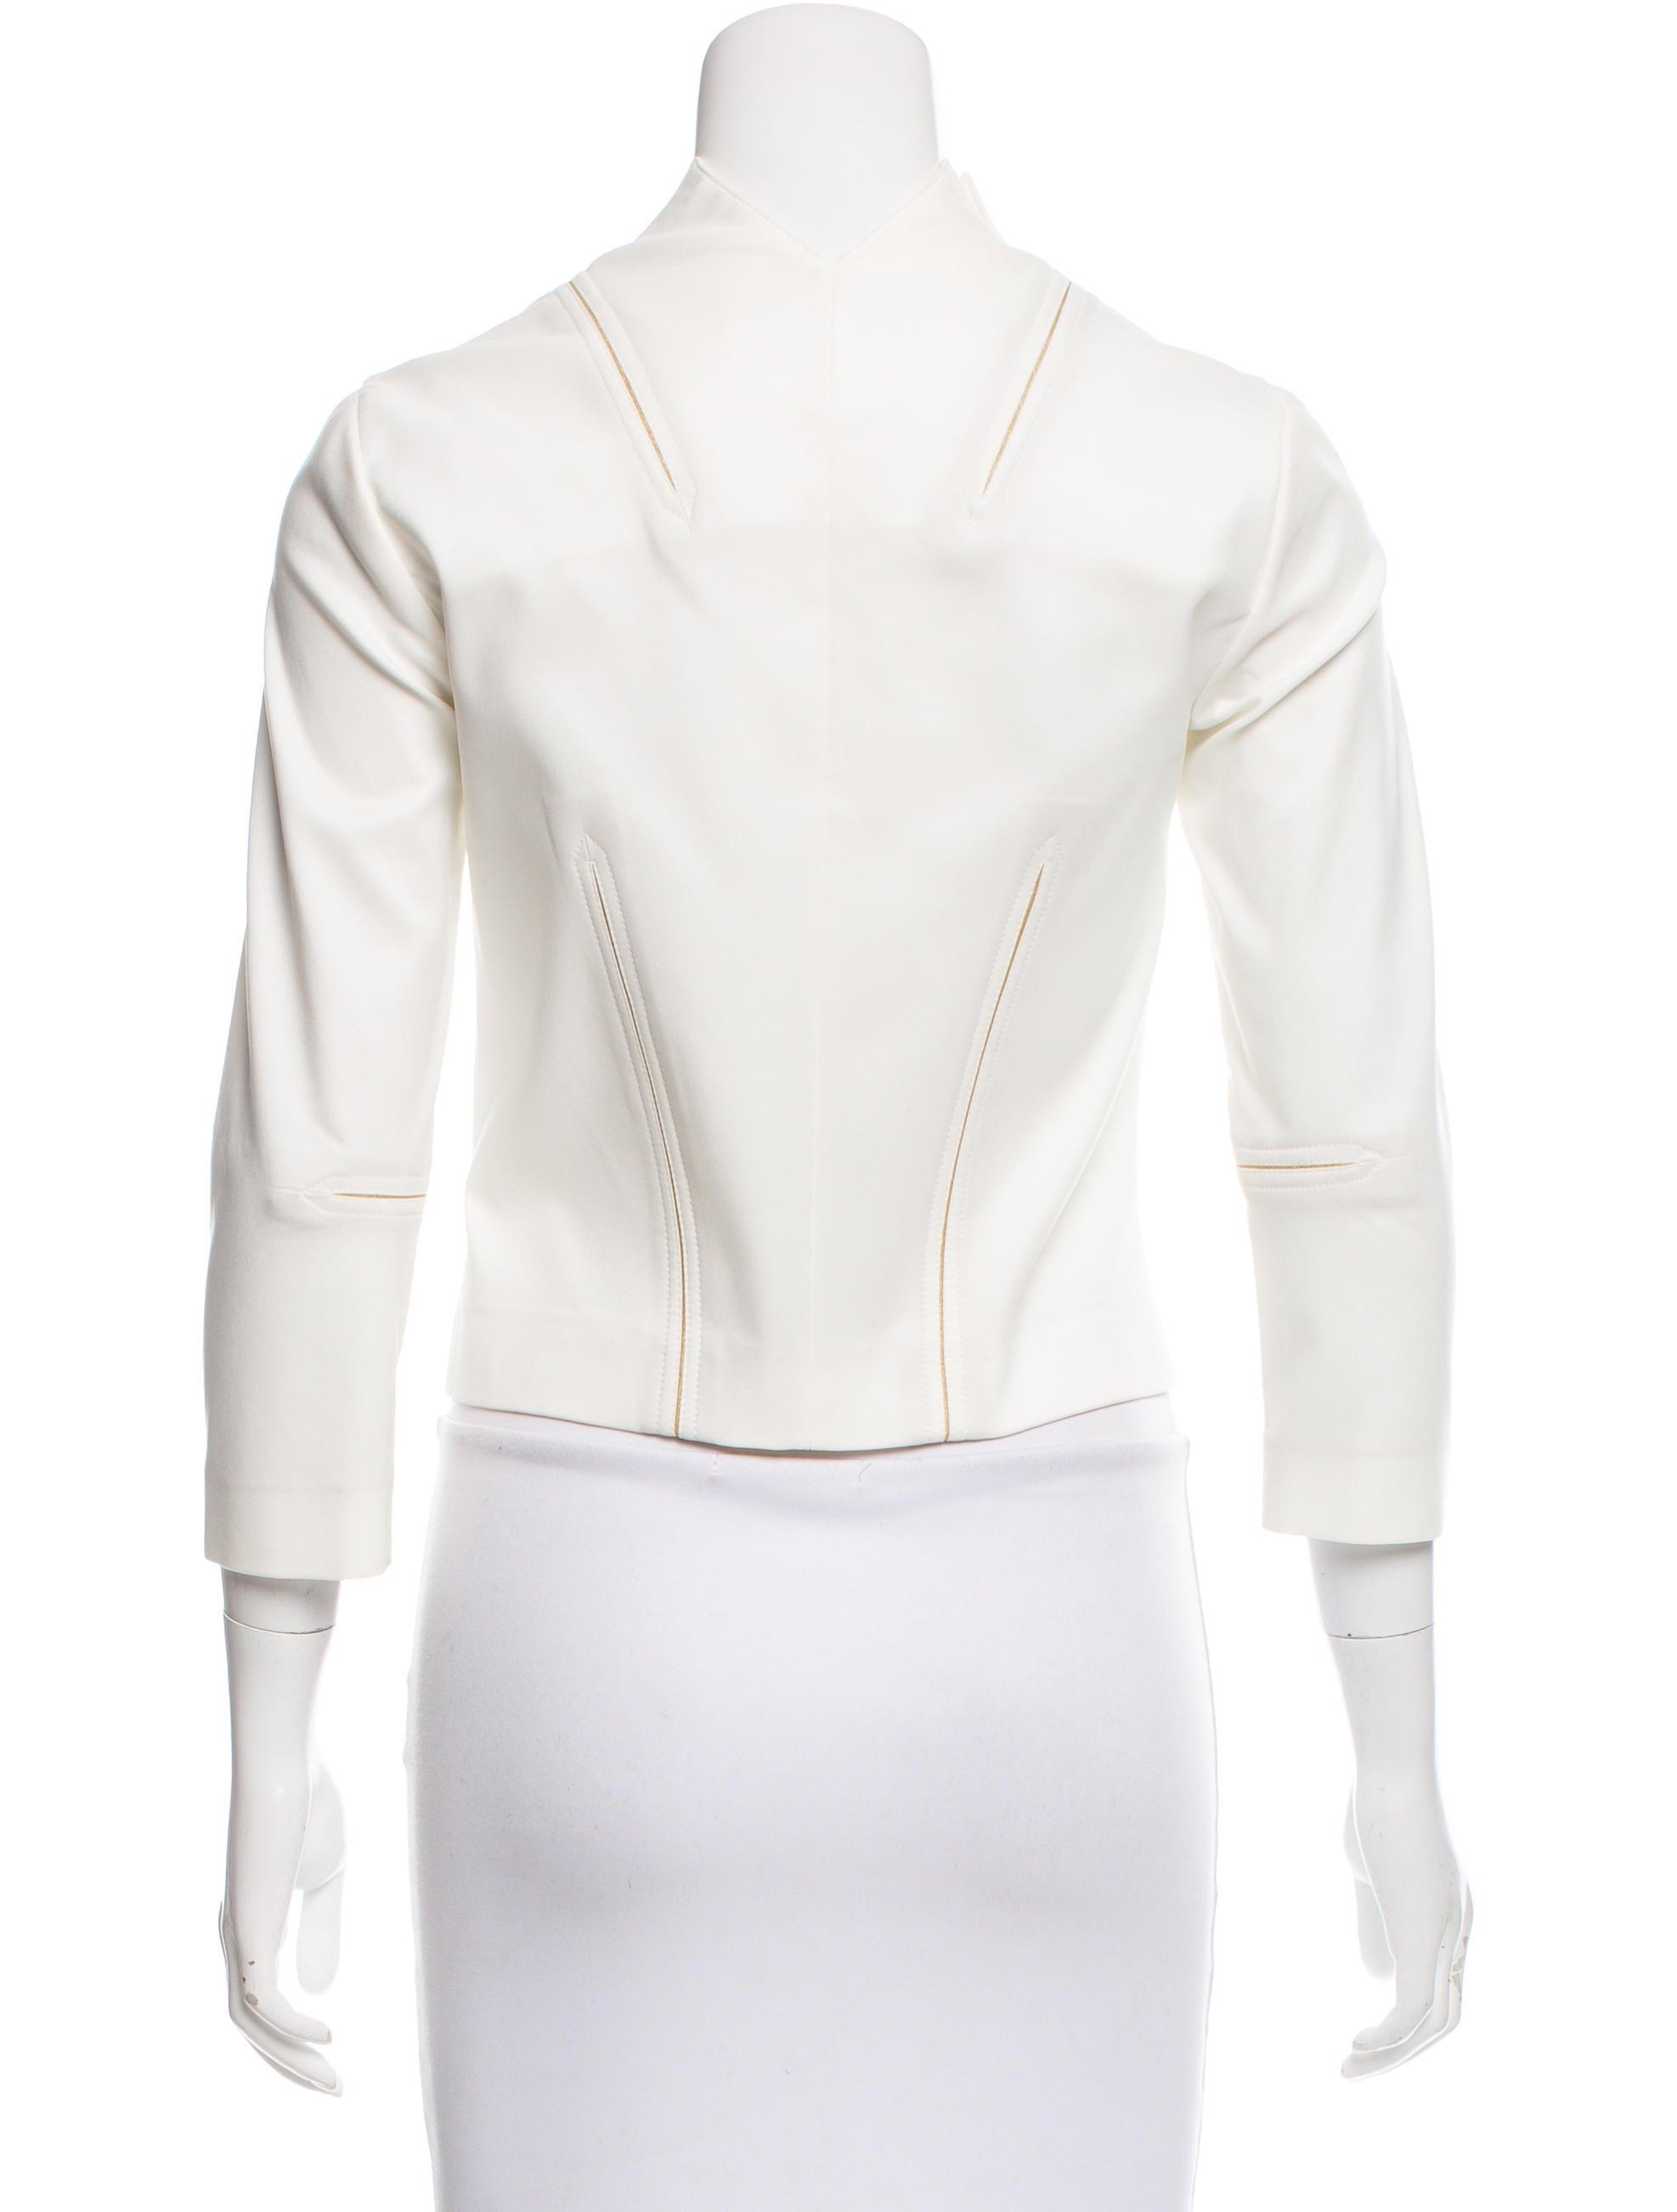 Emmanuelle Khanh Men S Clothing